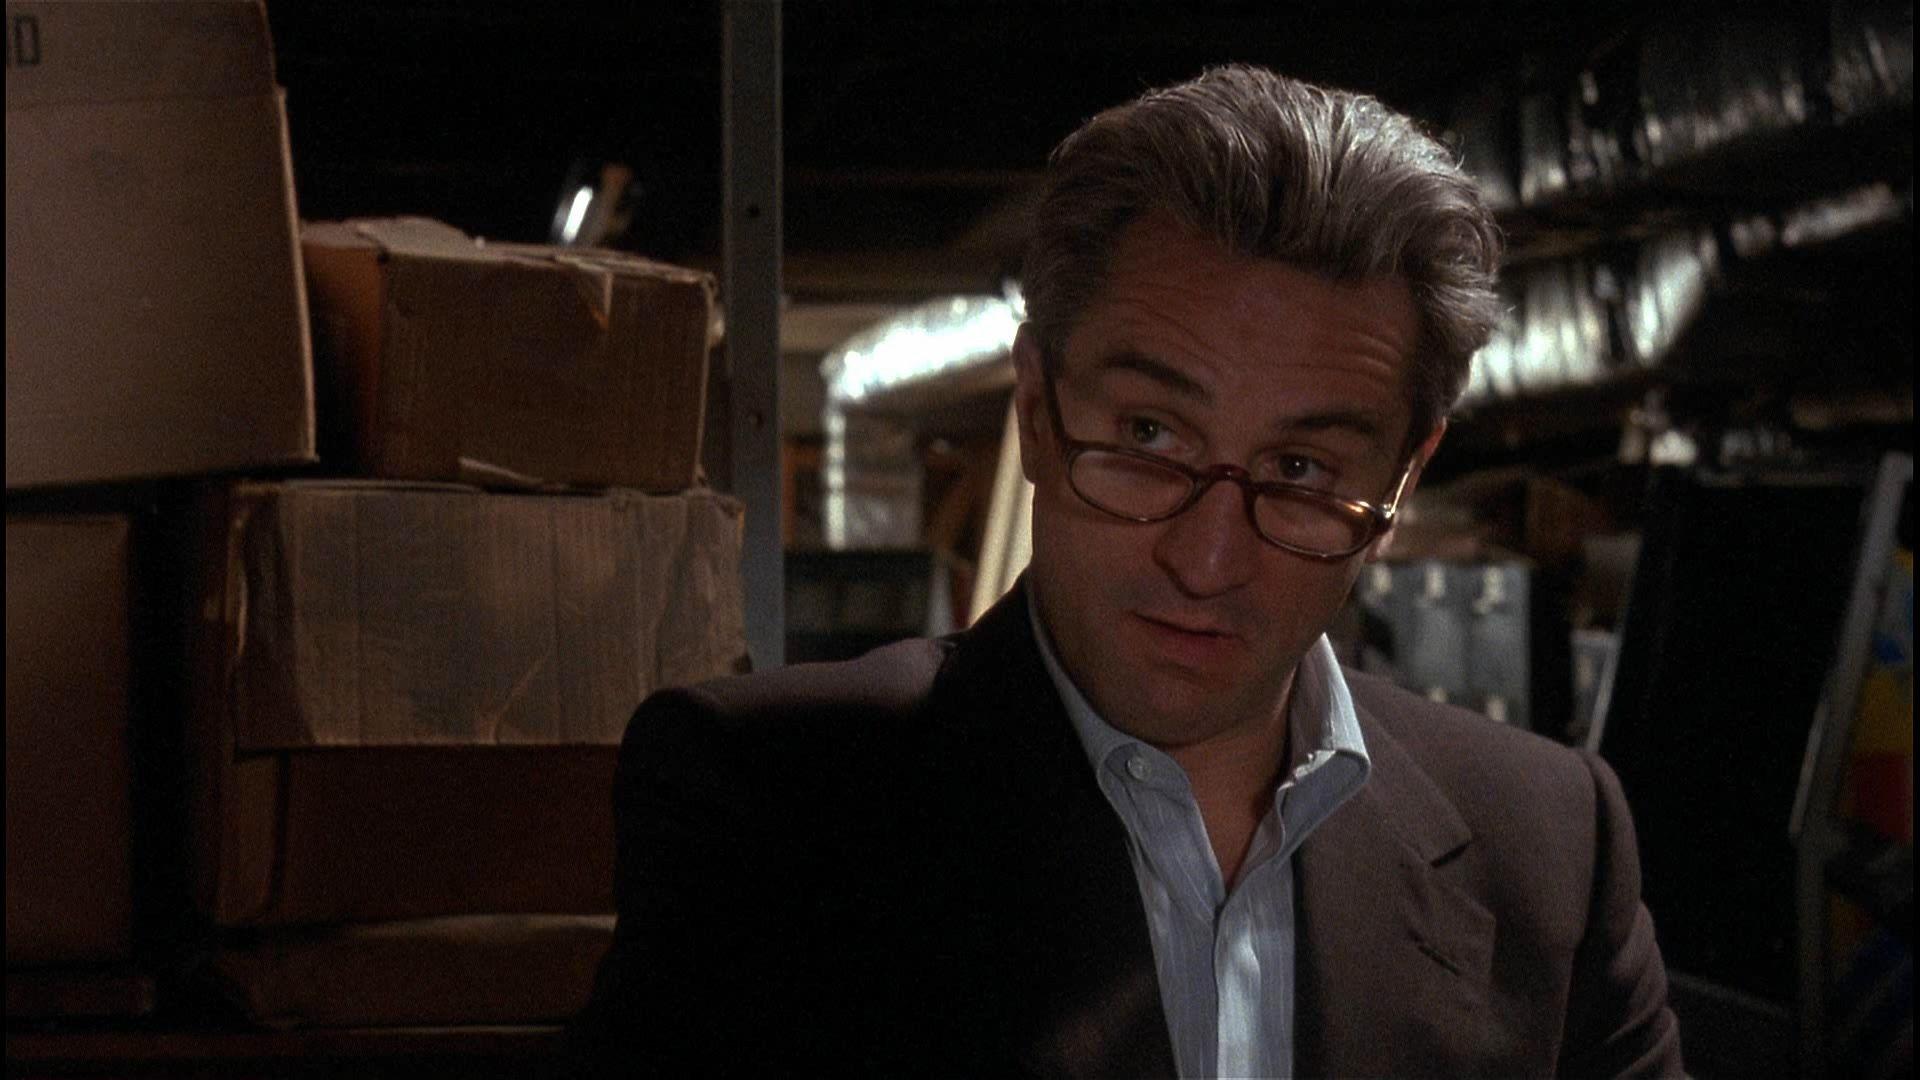 Robert De Niro As James Jimmy Conway O James Burke Uno De Los Nuestros Goodfellas Unodelosnuestros Goodfella Goodfellas Robert De Niro Martin Scorsese